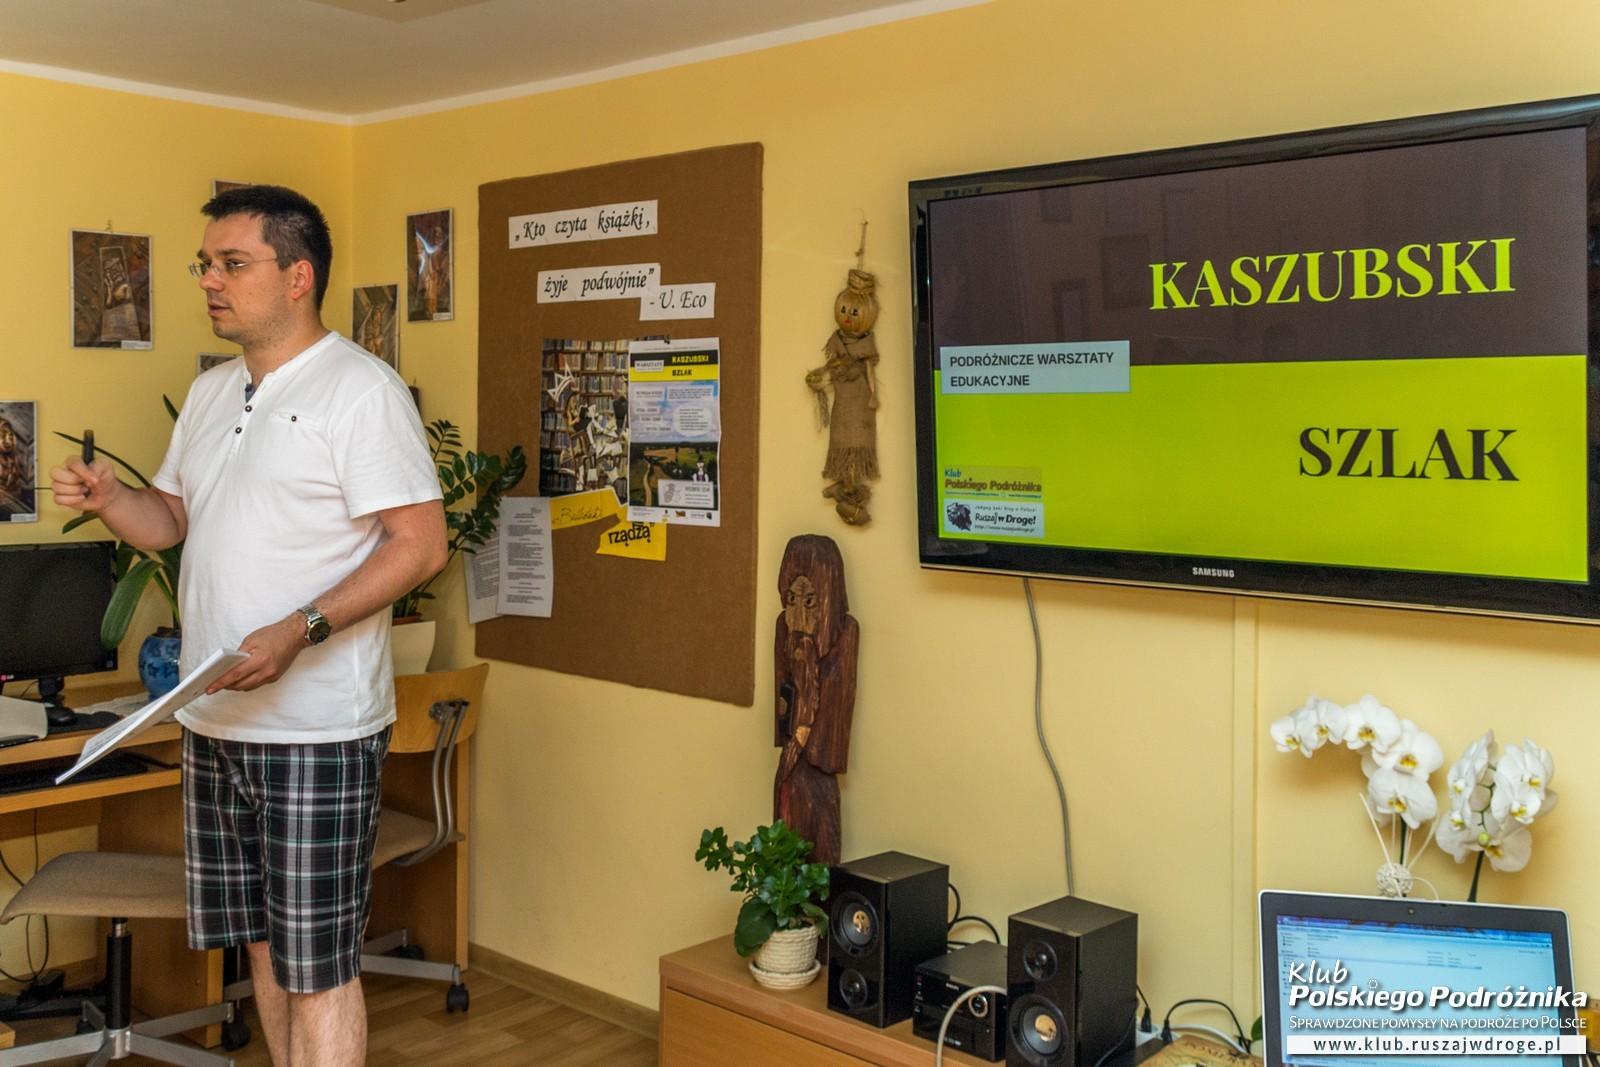 Warsztaty podróżnicze po Polsce - Kaszubski Szlak